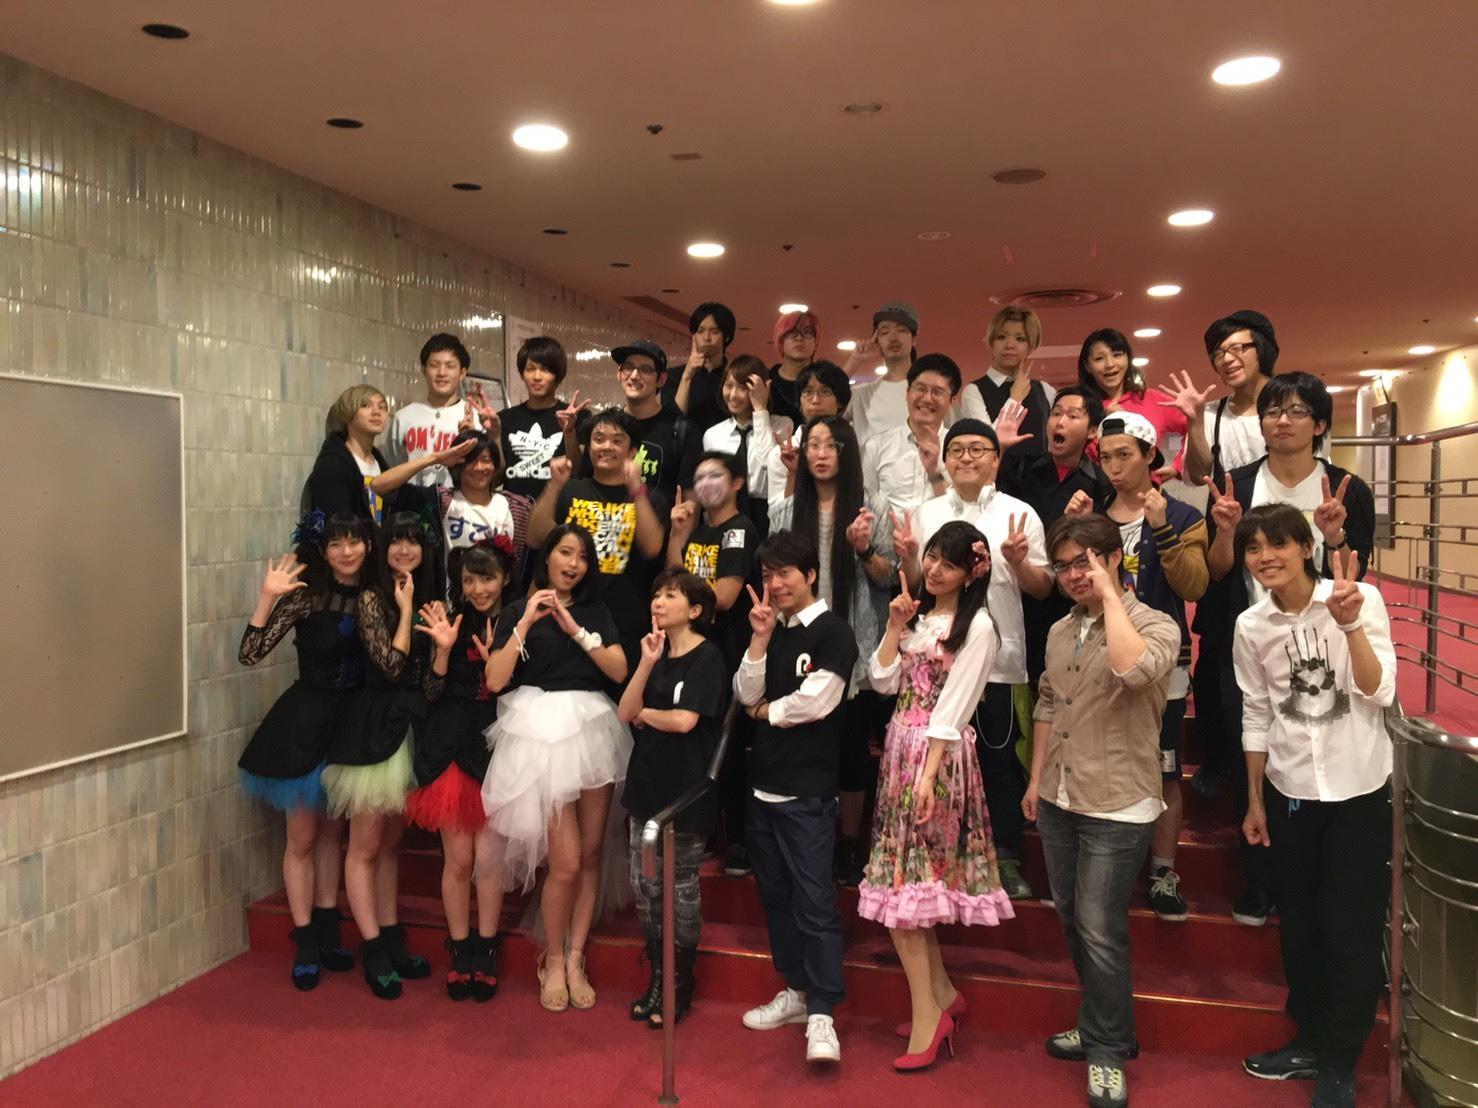 ポニーキャニオン50周年イベント_a0163623_23563478.jpg